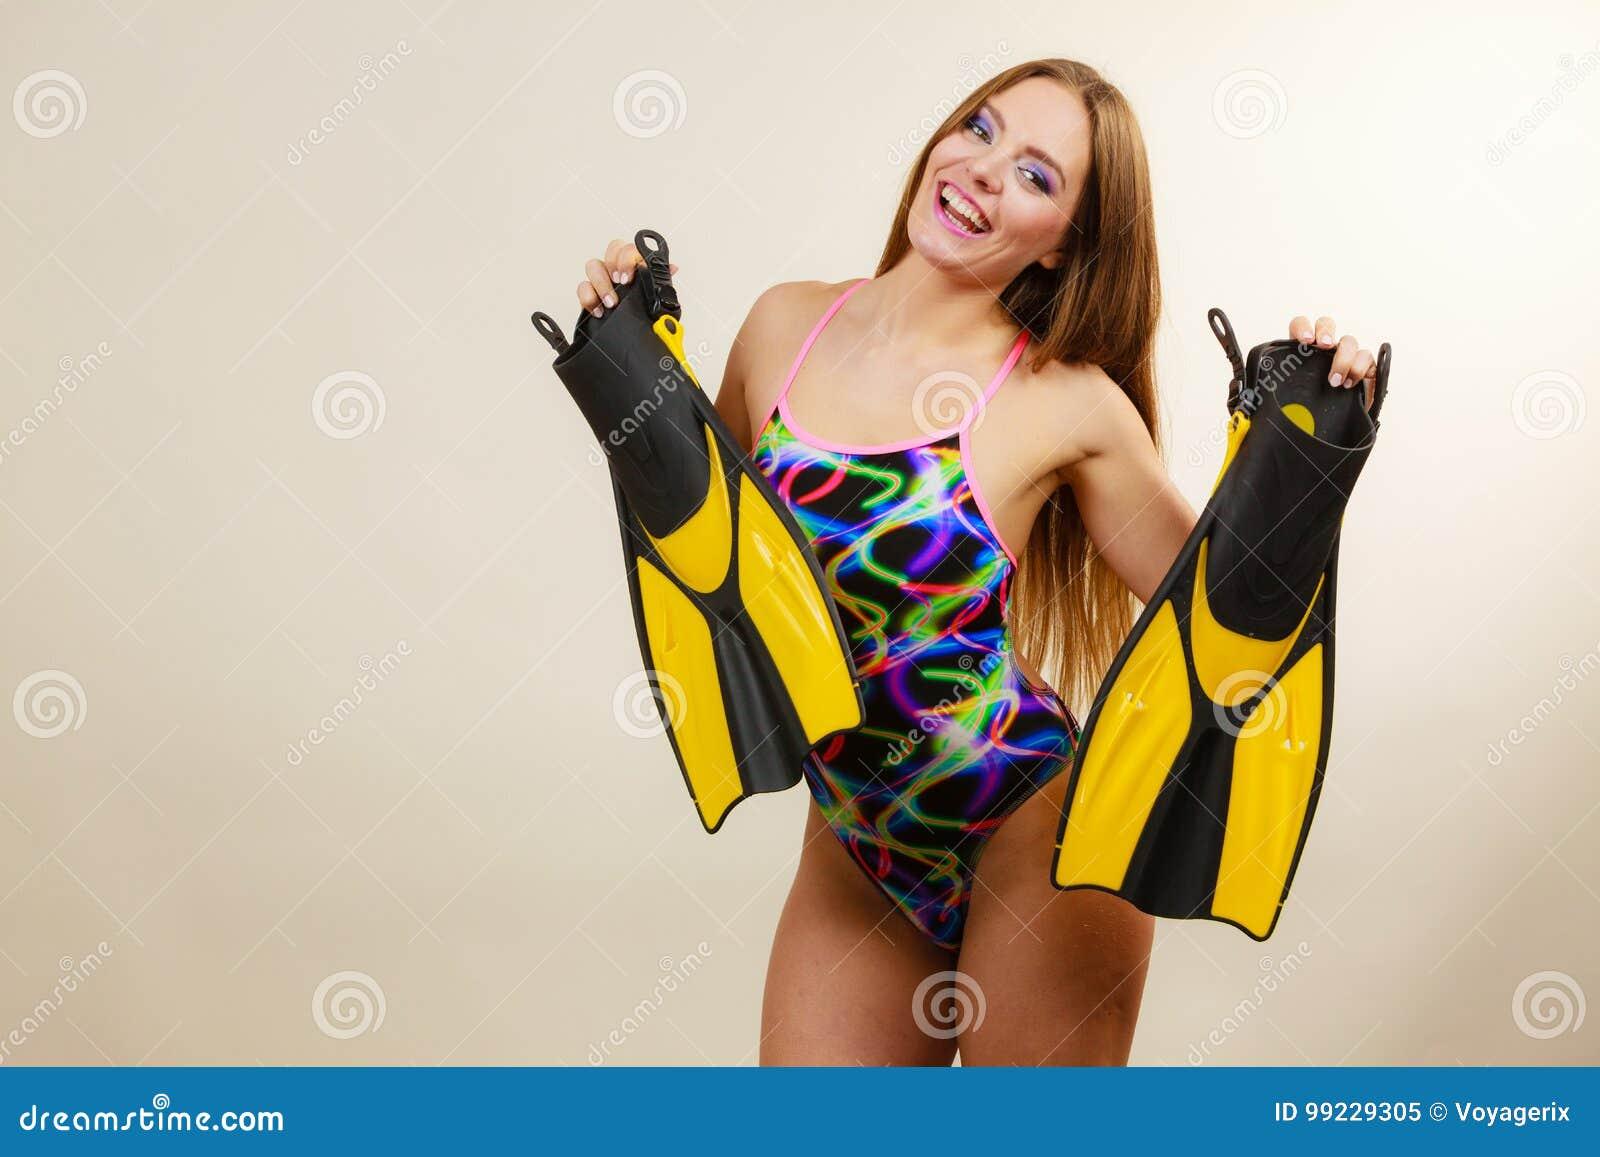 77218c953 La Mujer En Traje De Baño Sostiene Las Aletas Que Se Divierten ...